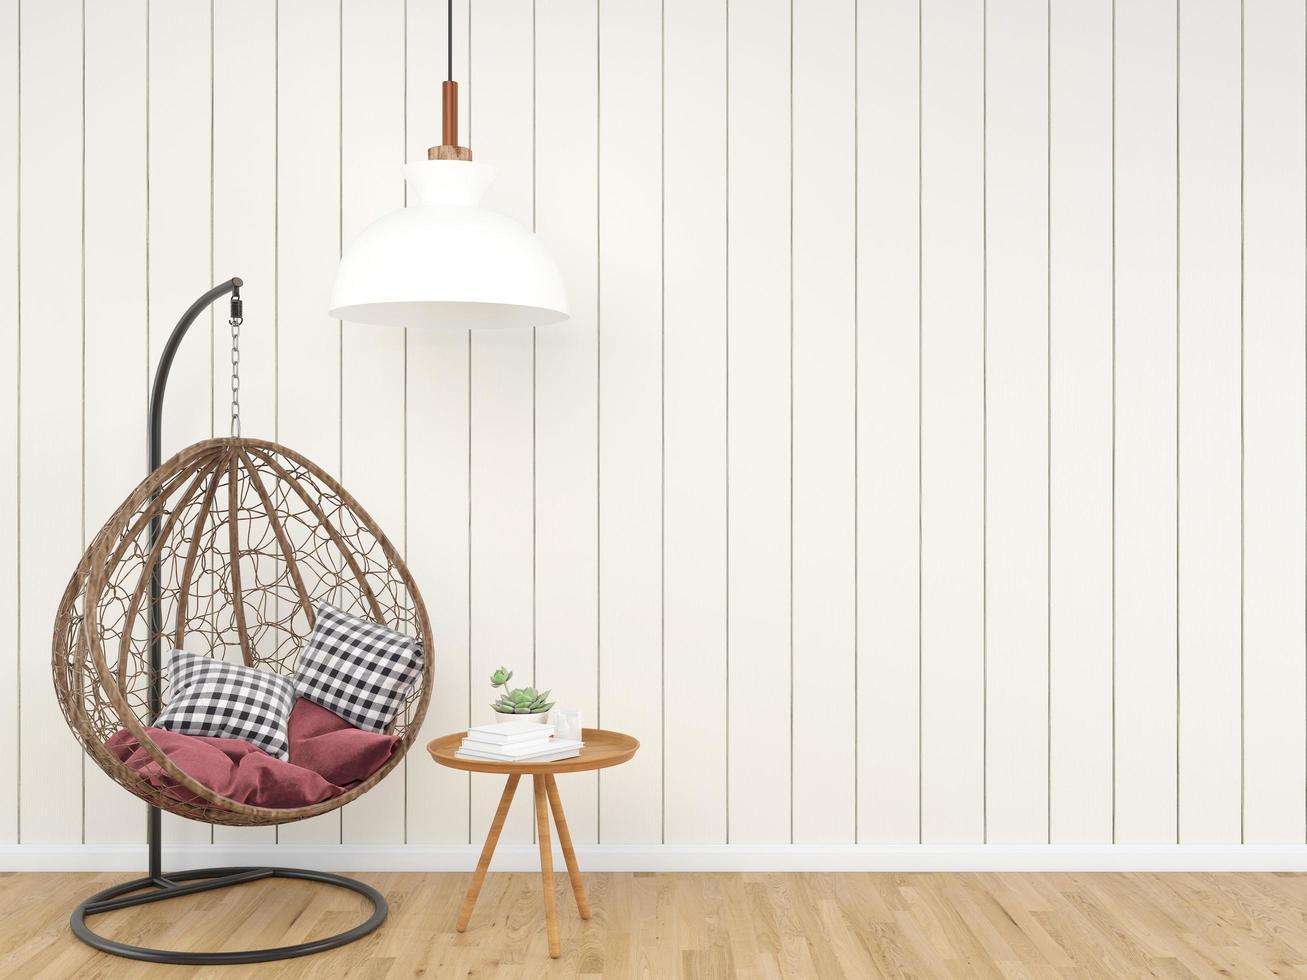 Silla nido vintage en la esquina de la sala de estar y reservar foto